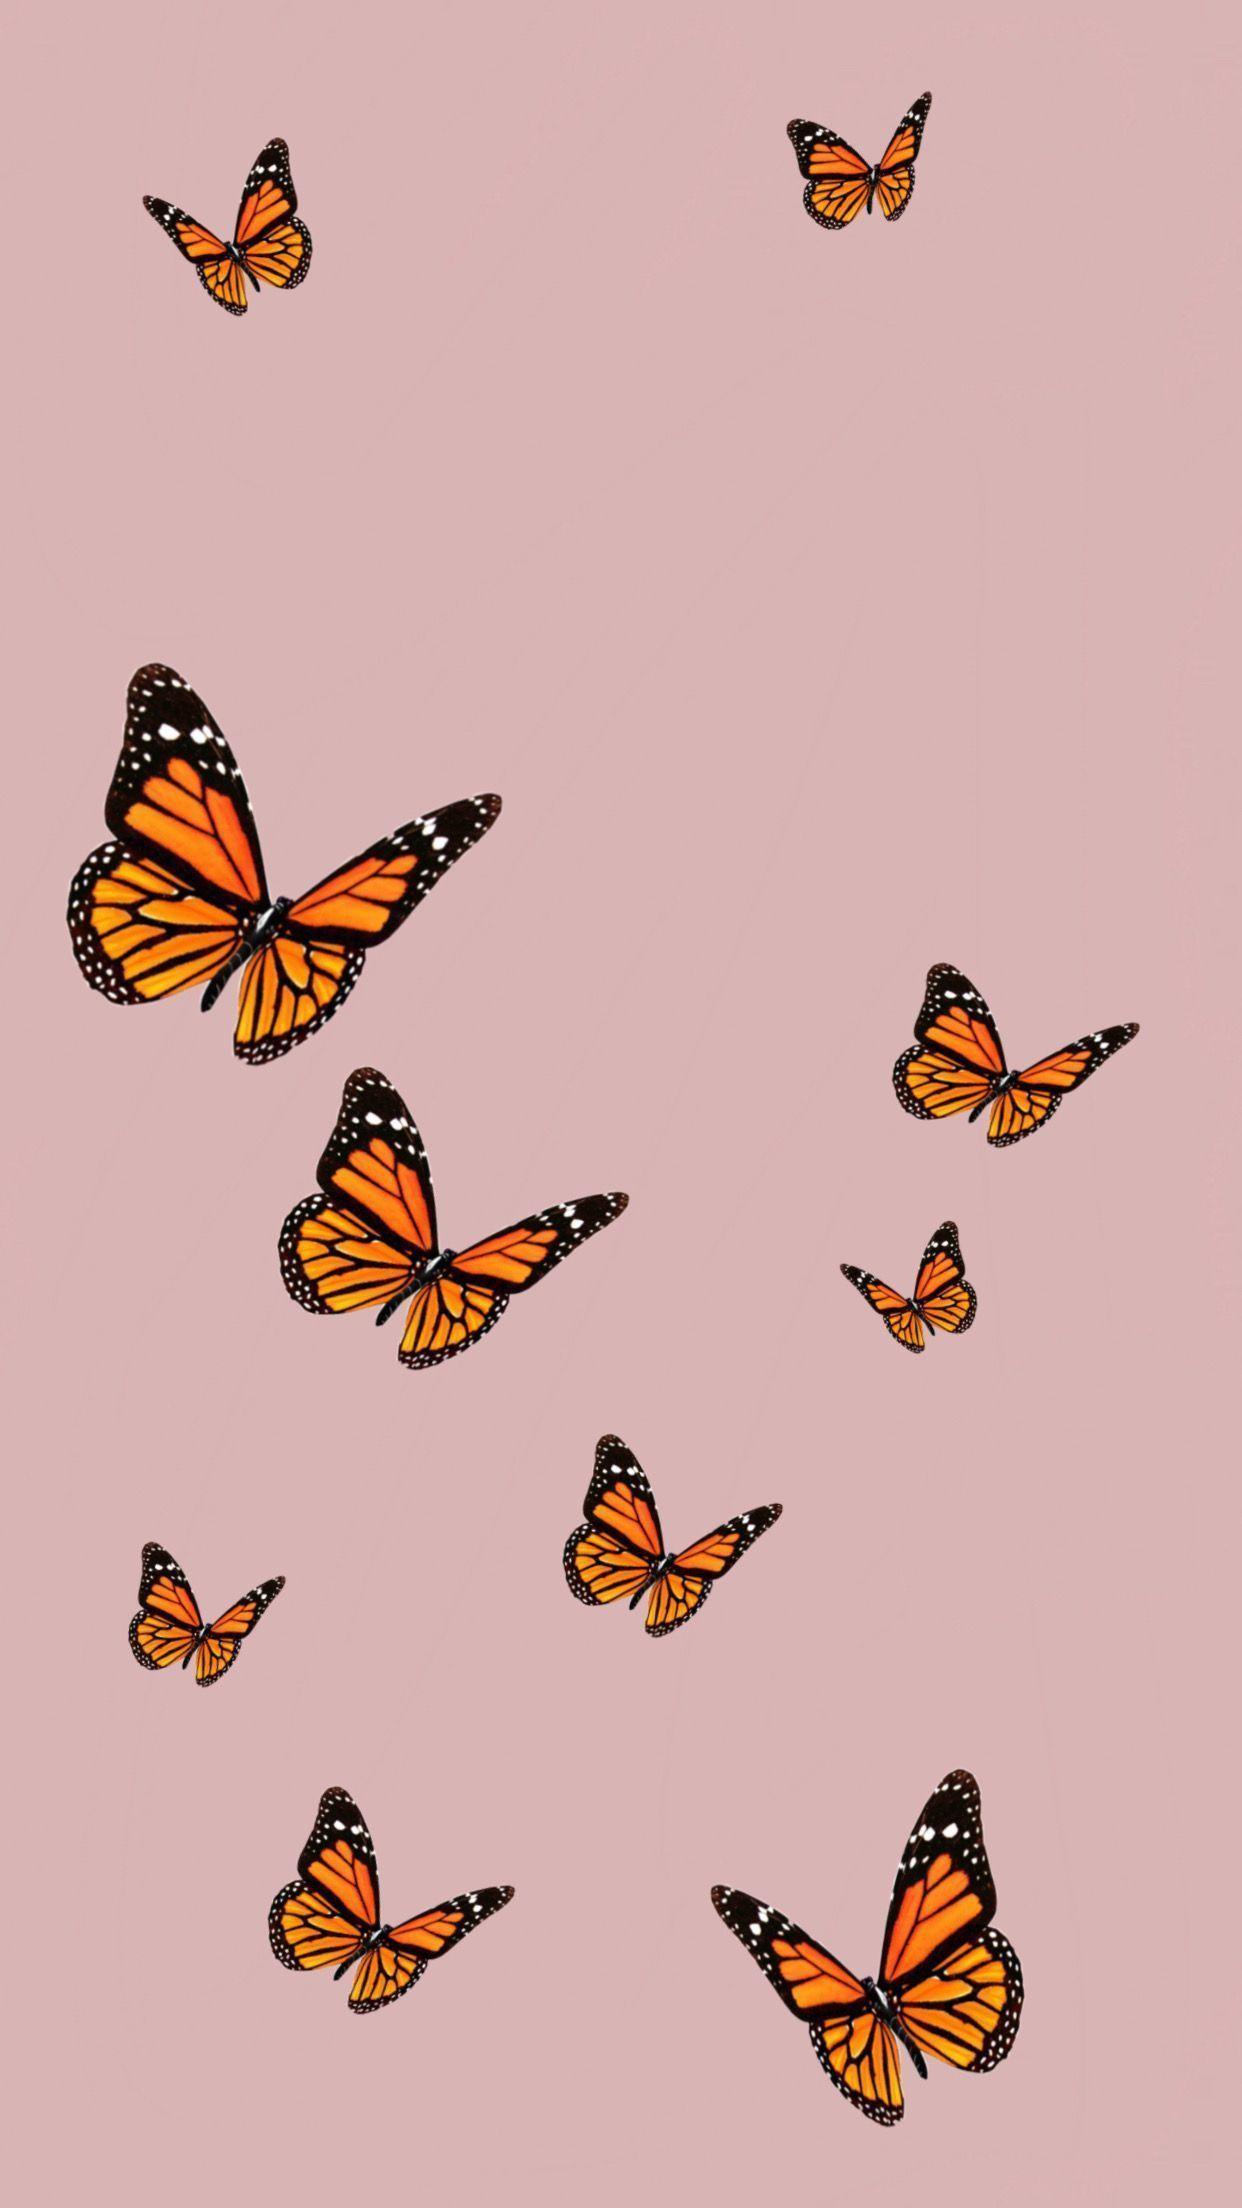 Pin On Disney Phone Wallpaper In 2020 Butterfly Wallpaper Iphone Iphone Wallpaper Vsco Aesthetic Iphone Wallpaper